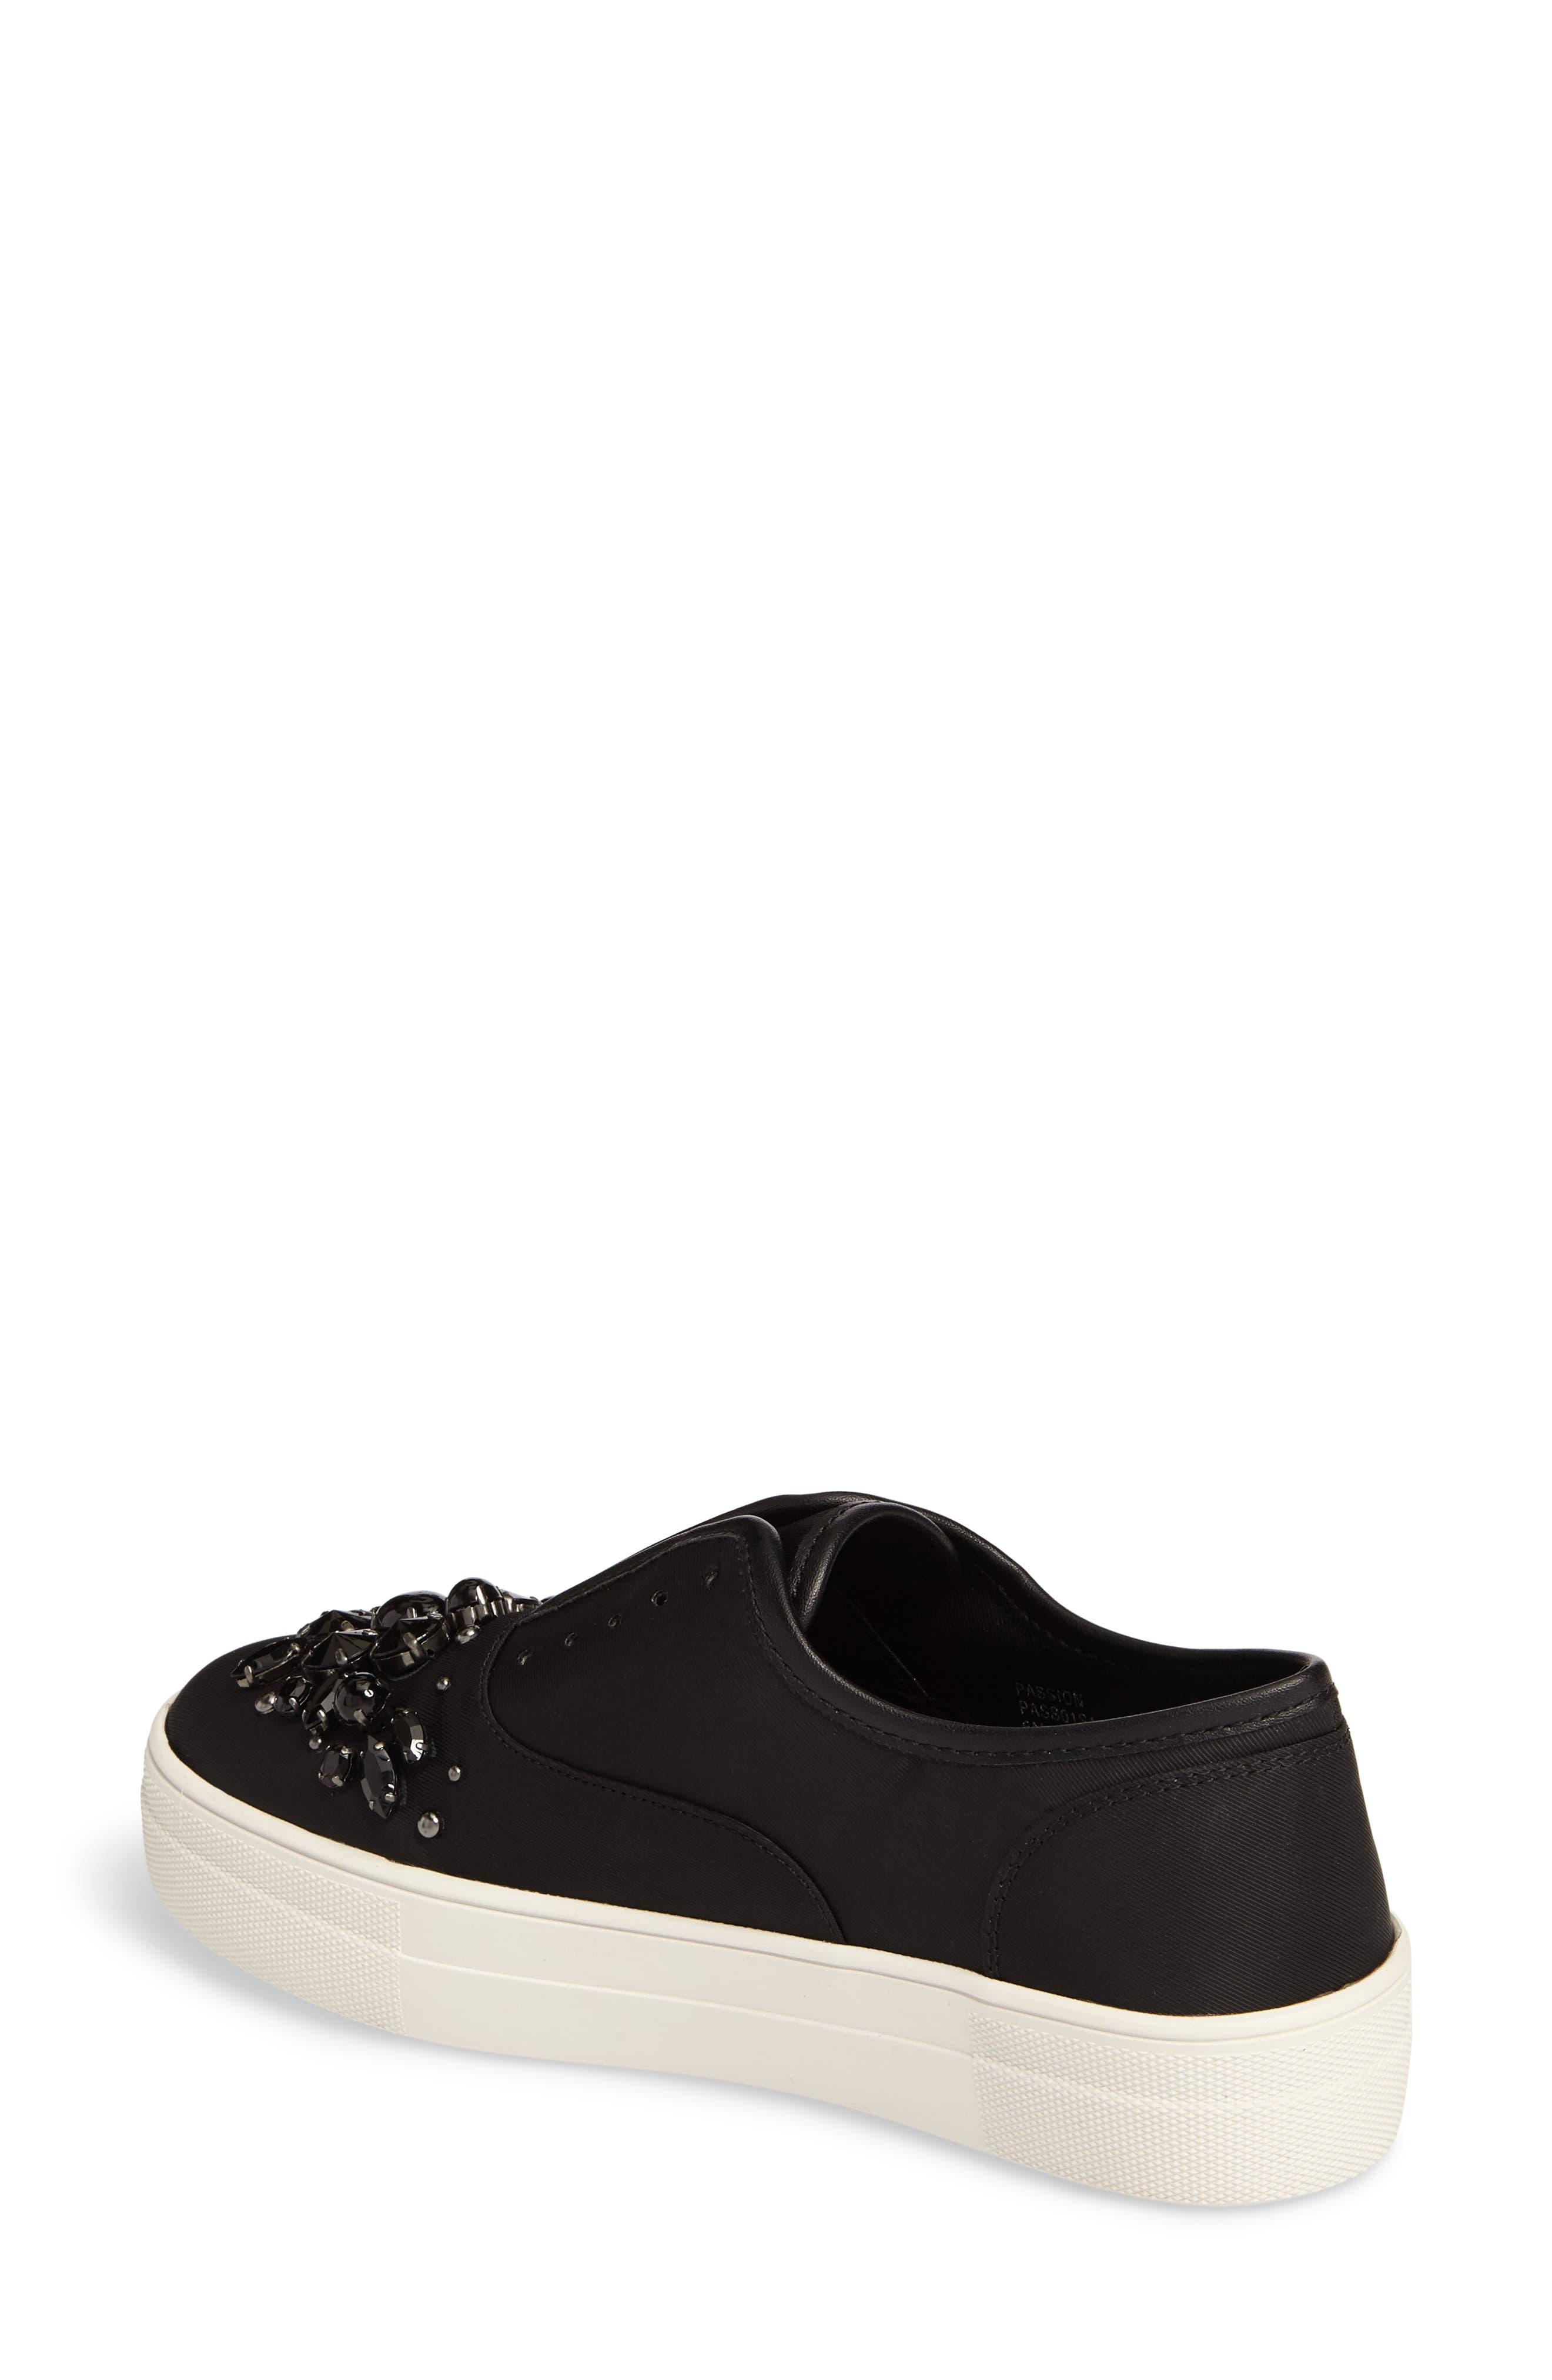 Passion Embellished Slip-On Platform Sneaker,                             Alternate thumbnail 2, color,                             Black